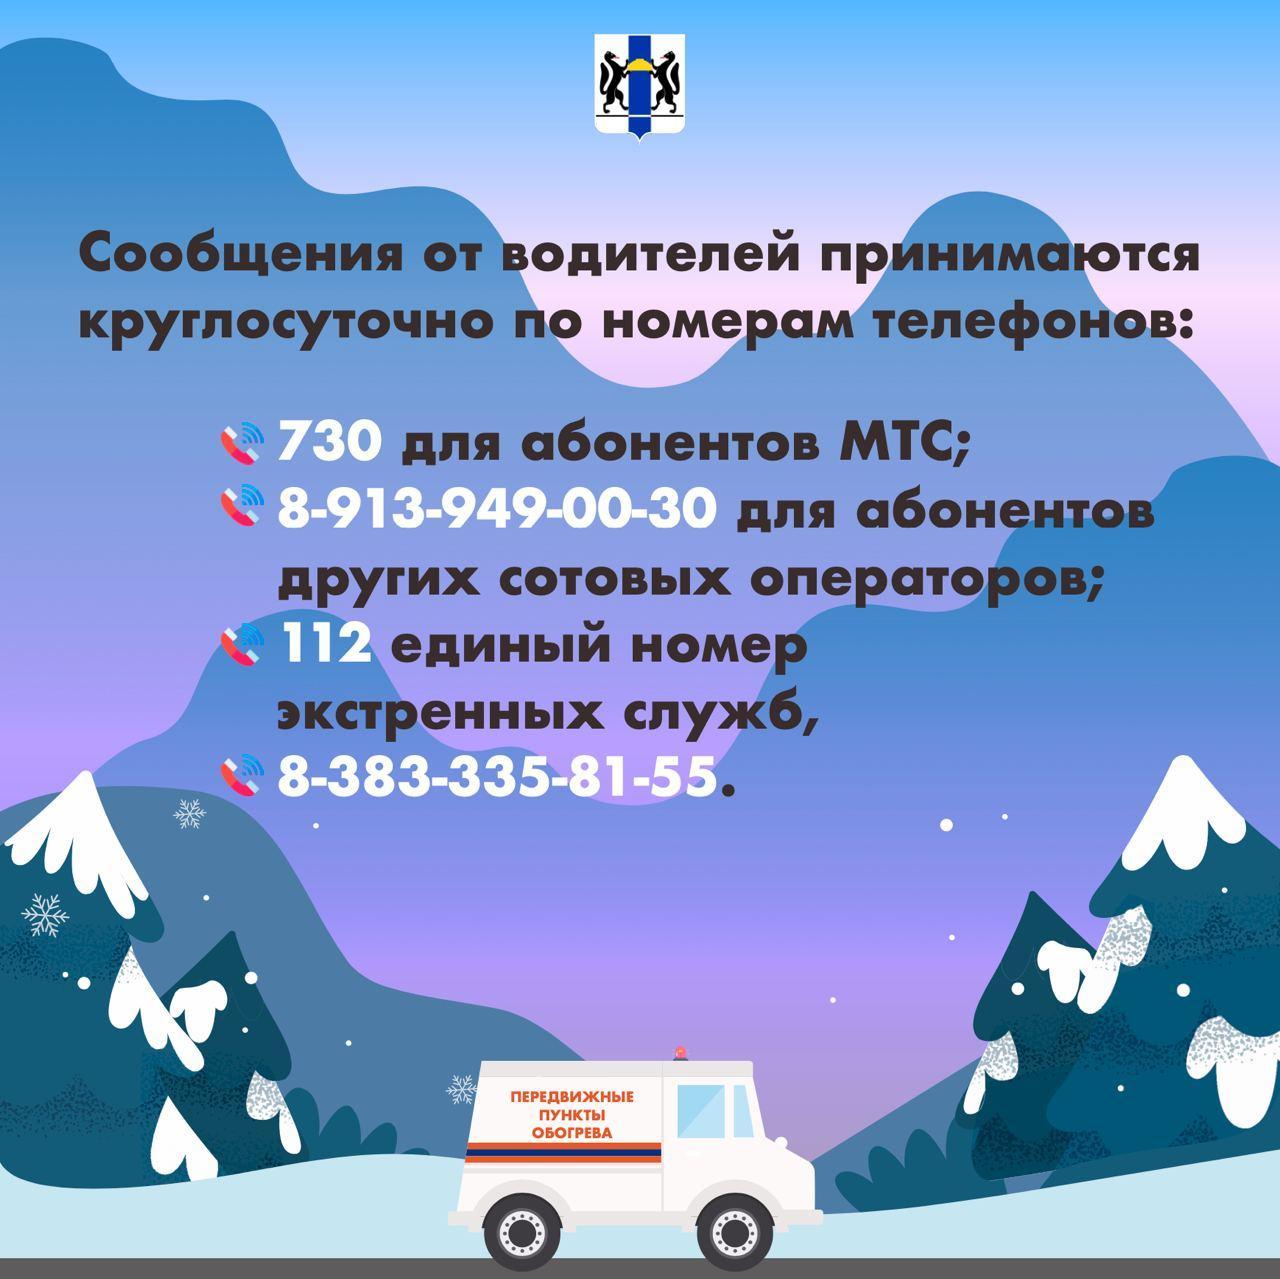 фото Кто поможет в мороз на трассе: полезная информация в картинках от новосибирского правительства 8